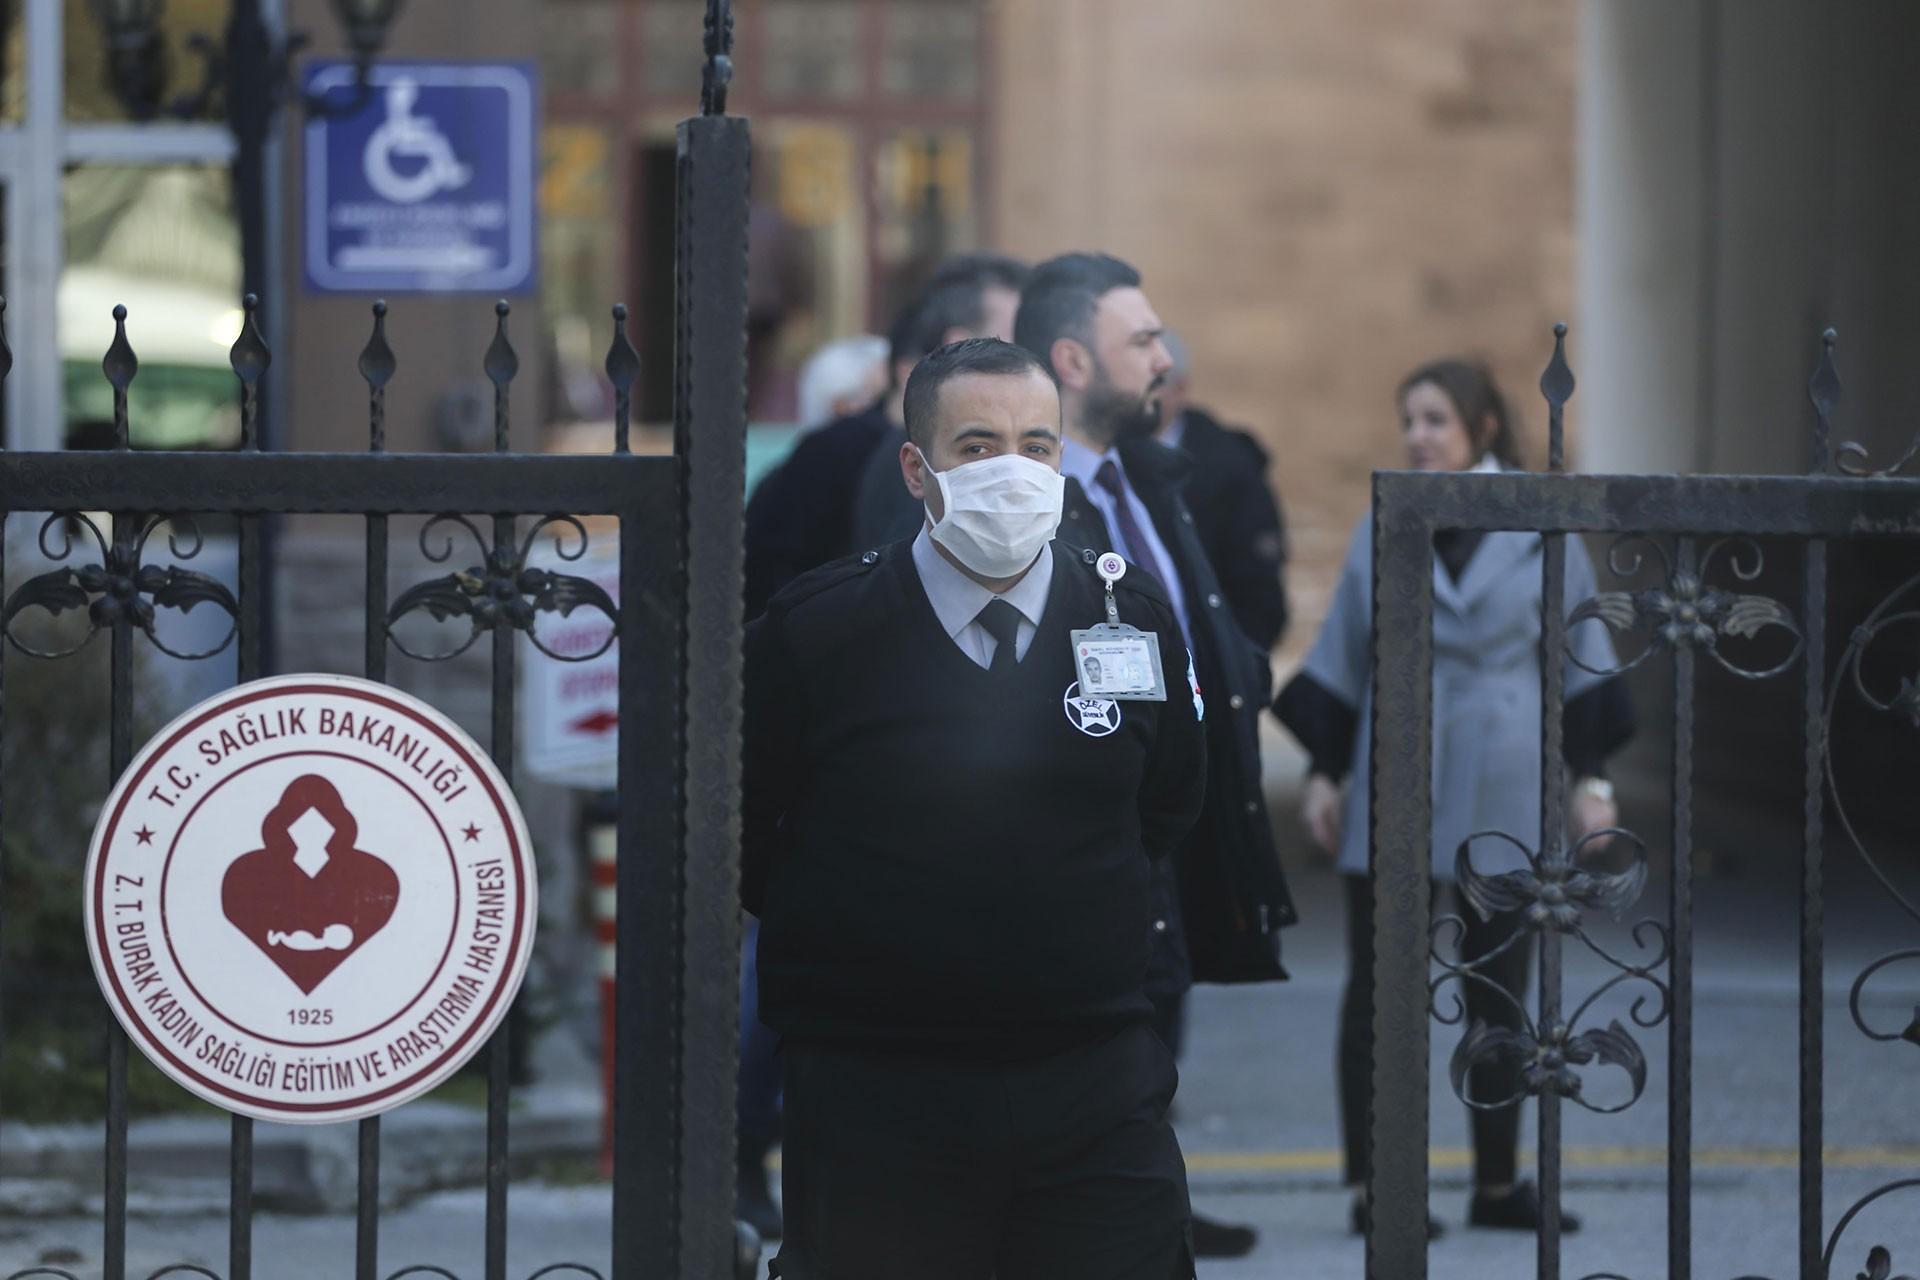 Dr. Zekai Tahir Burak Hastanesinin önünde bir güvenlik görevlisi